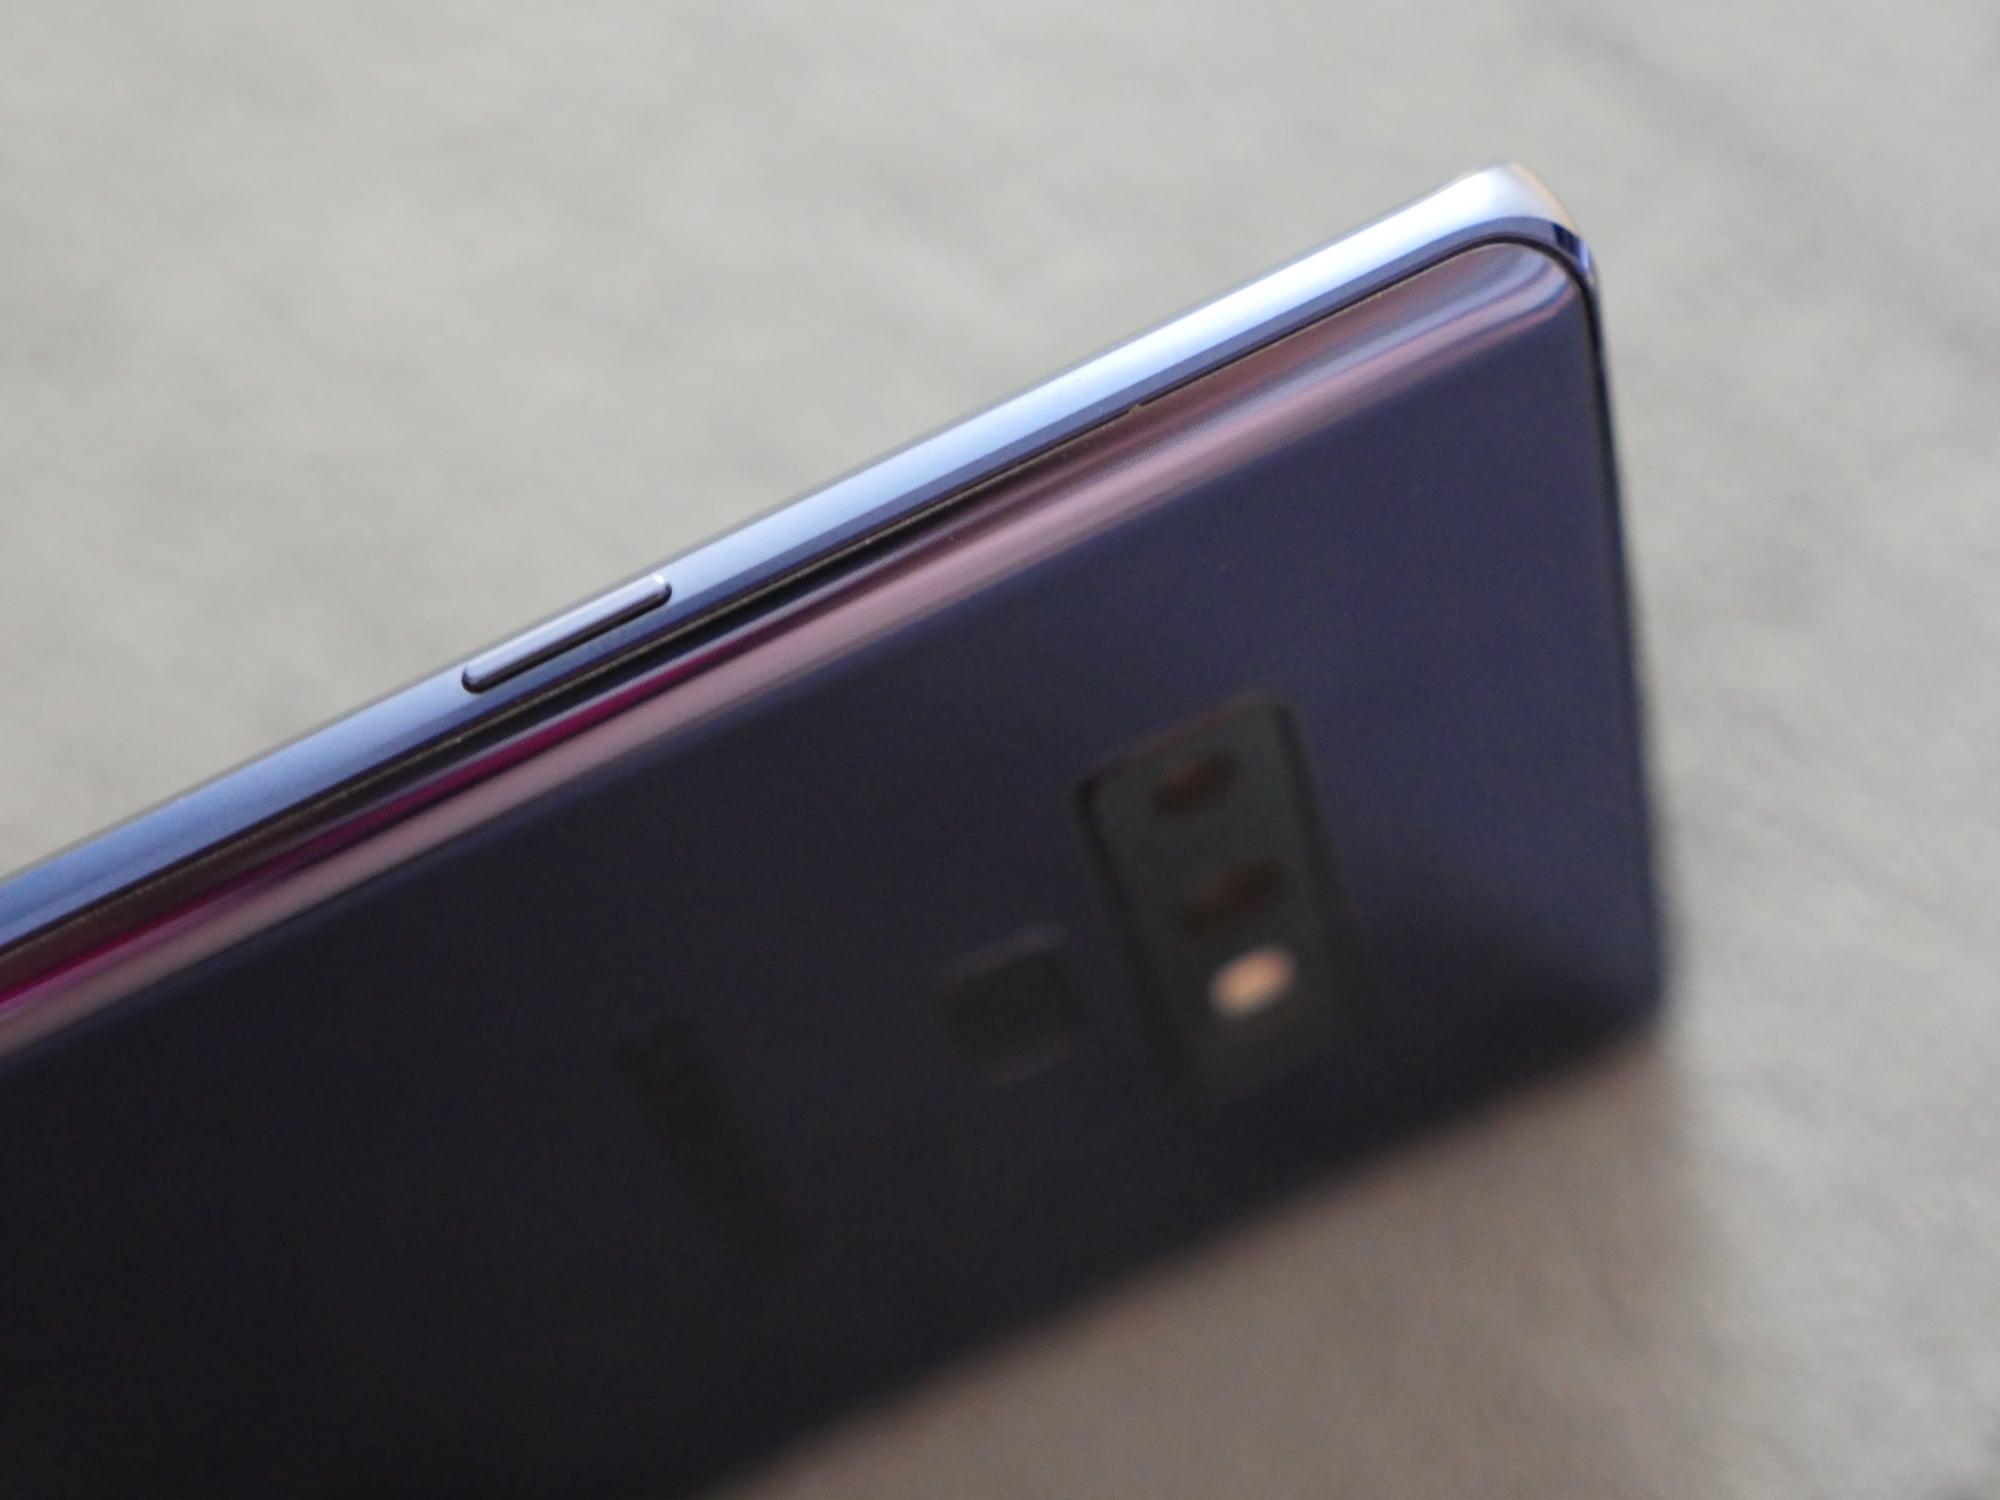 Zakup nowego smartfona przez internet - na co warto uważać (studium przypadku)